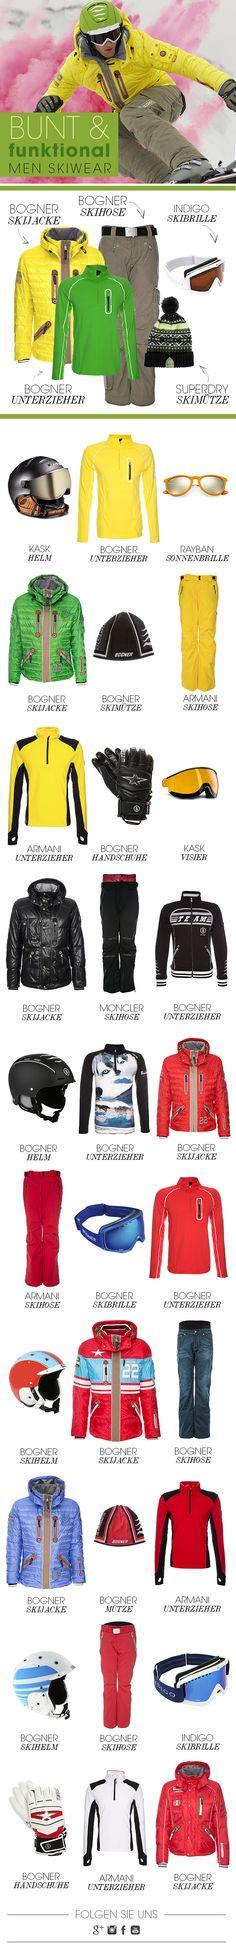 #musthave #fashion #newin #modeblog #fashionstore #onlineshop #shop #online  #sailerstyle #onlineshop #fashion #blog #trusted #stylenews #newsletter #design  #labels  #bogner #skiwear #skifashion #skihose #ski #skimode #skibekleidung